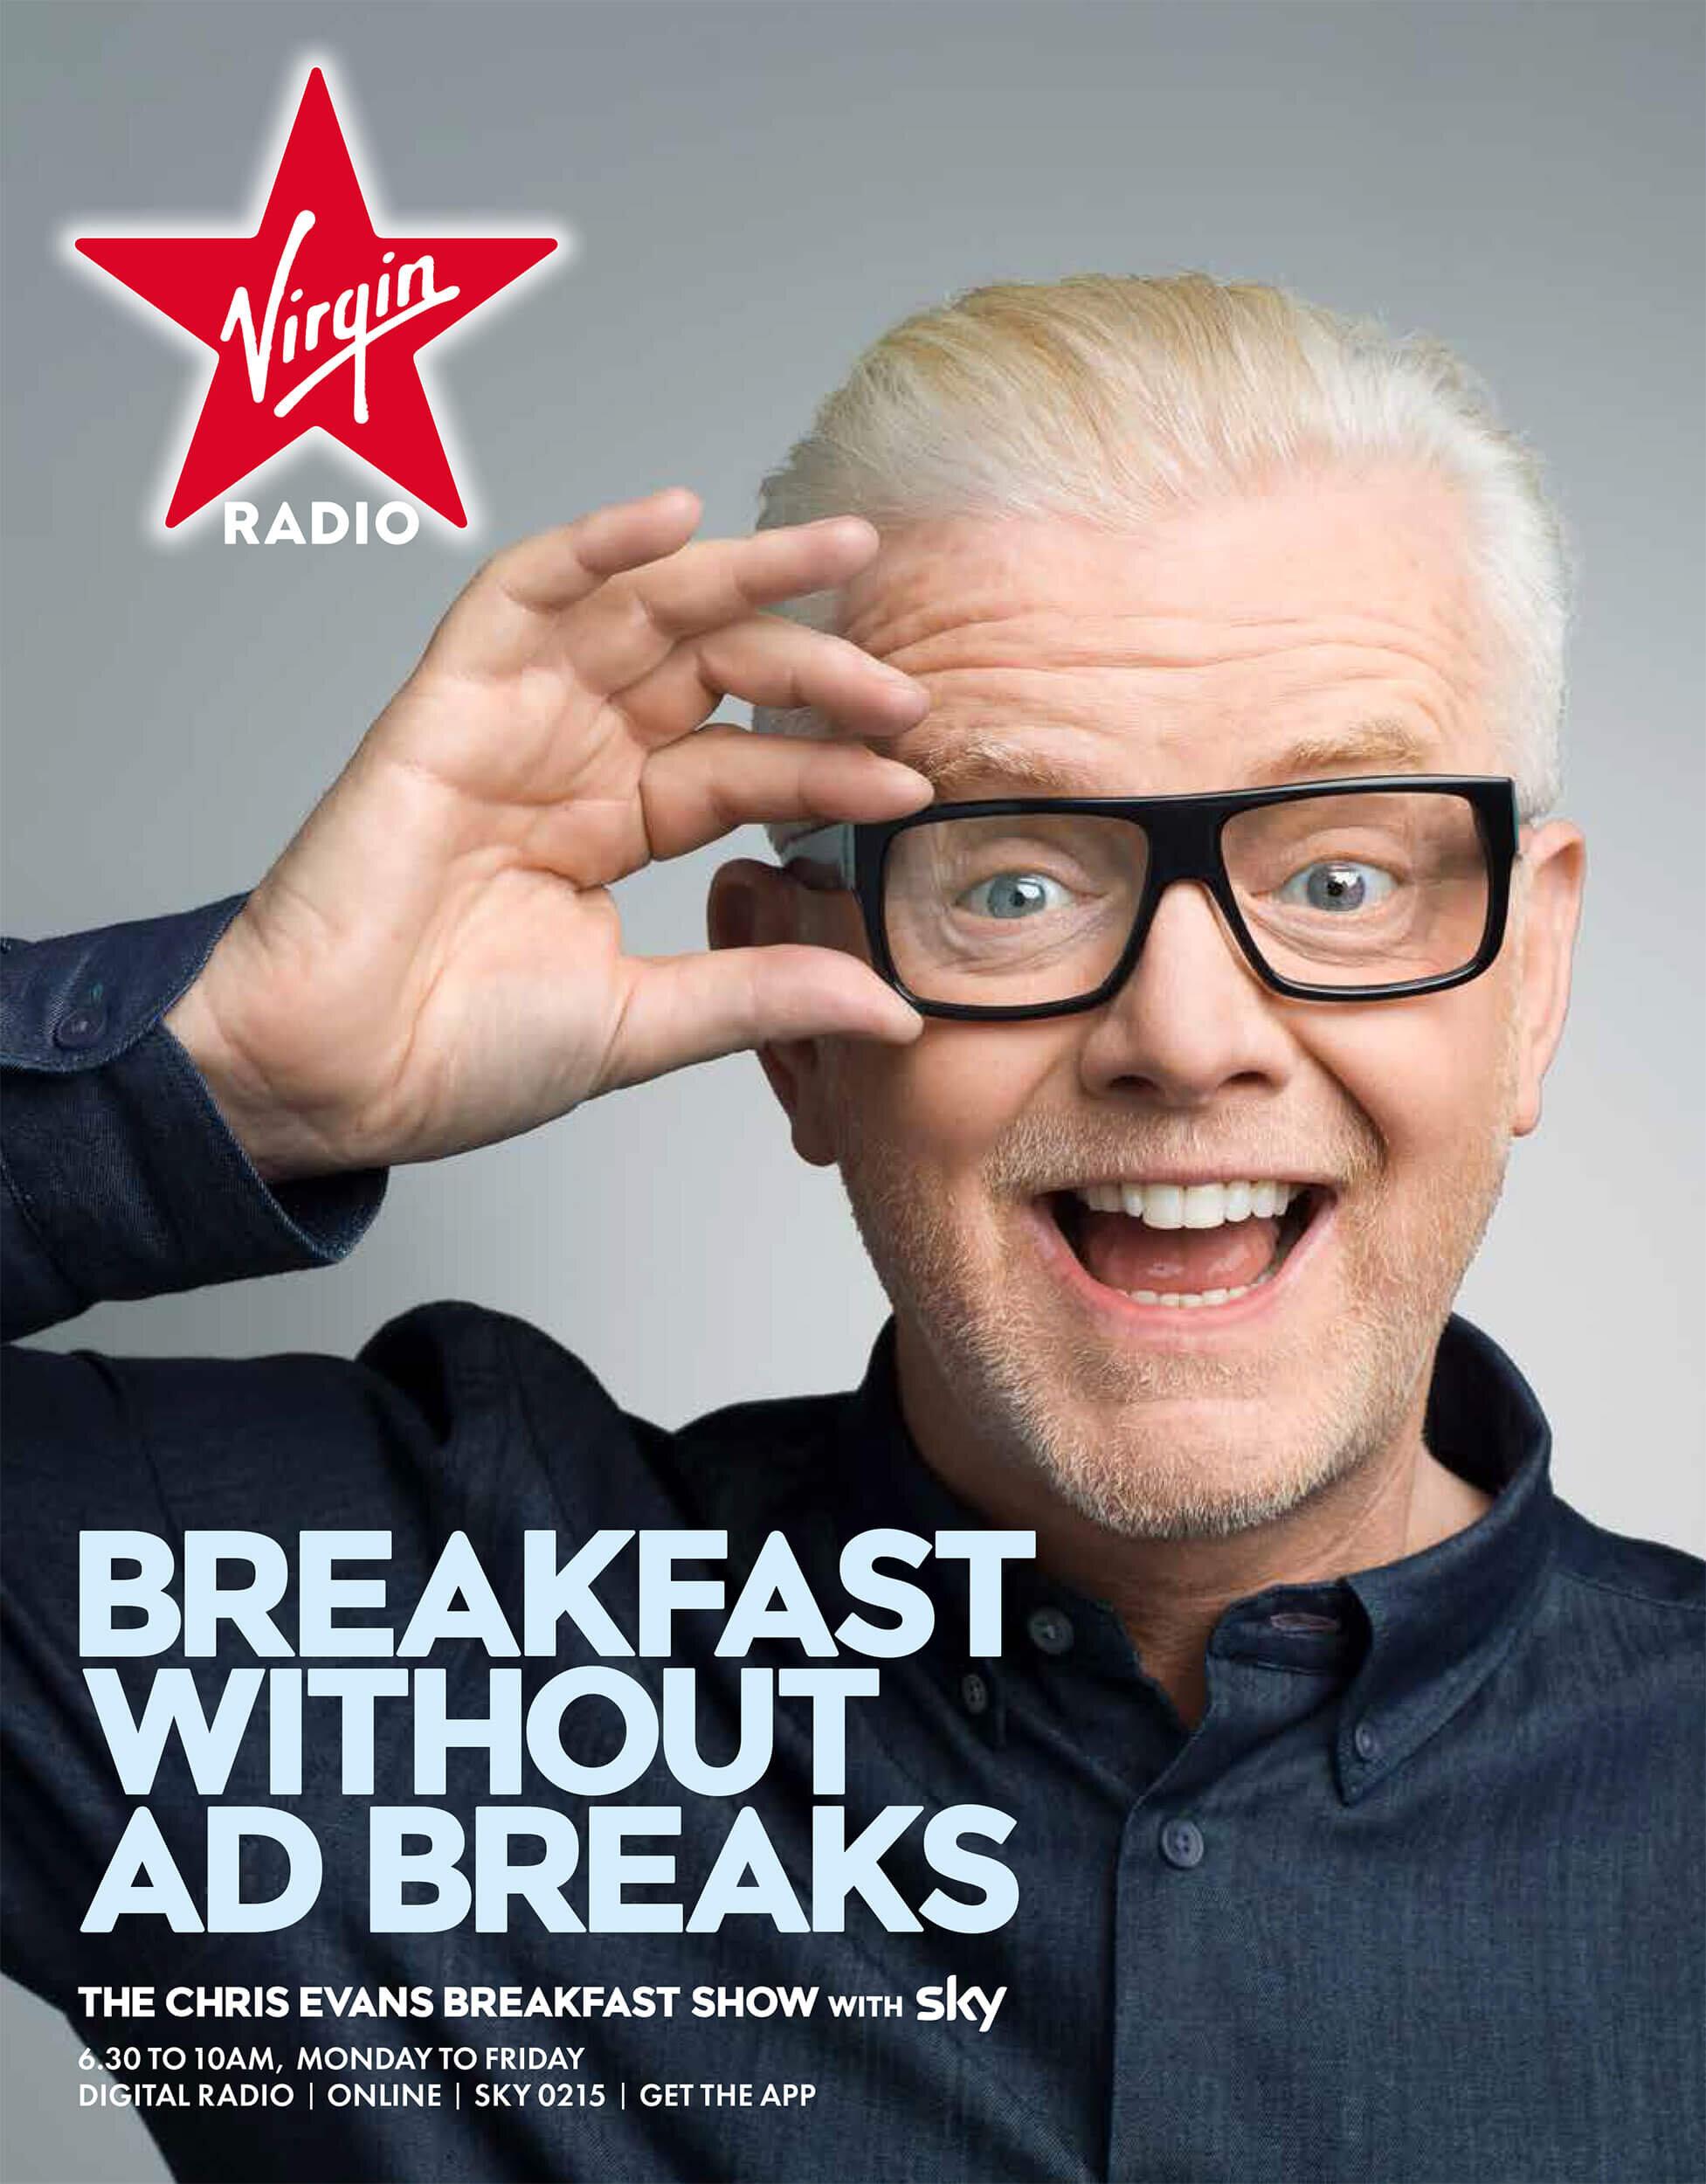 Chris Evans for Virgin Radia